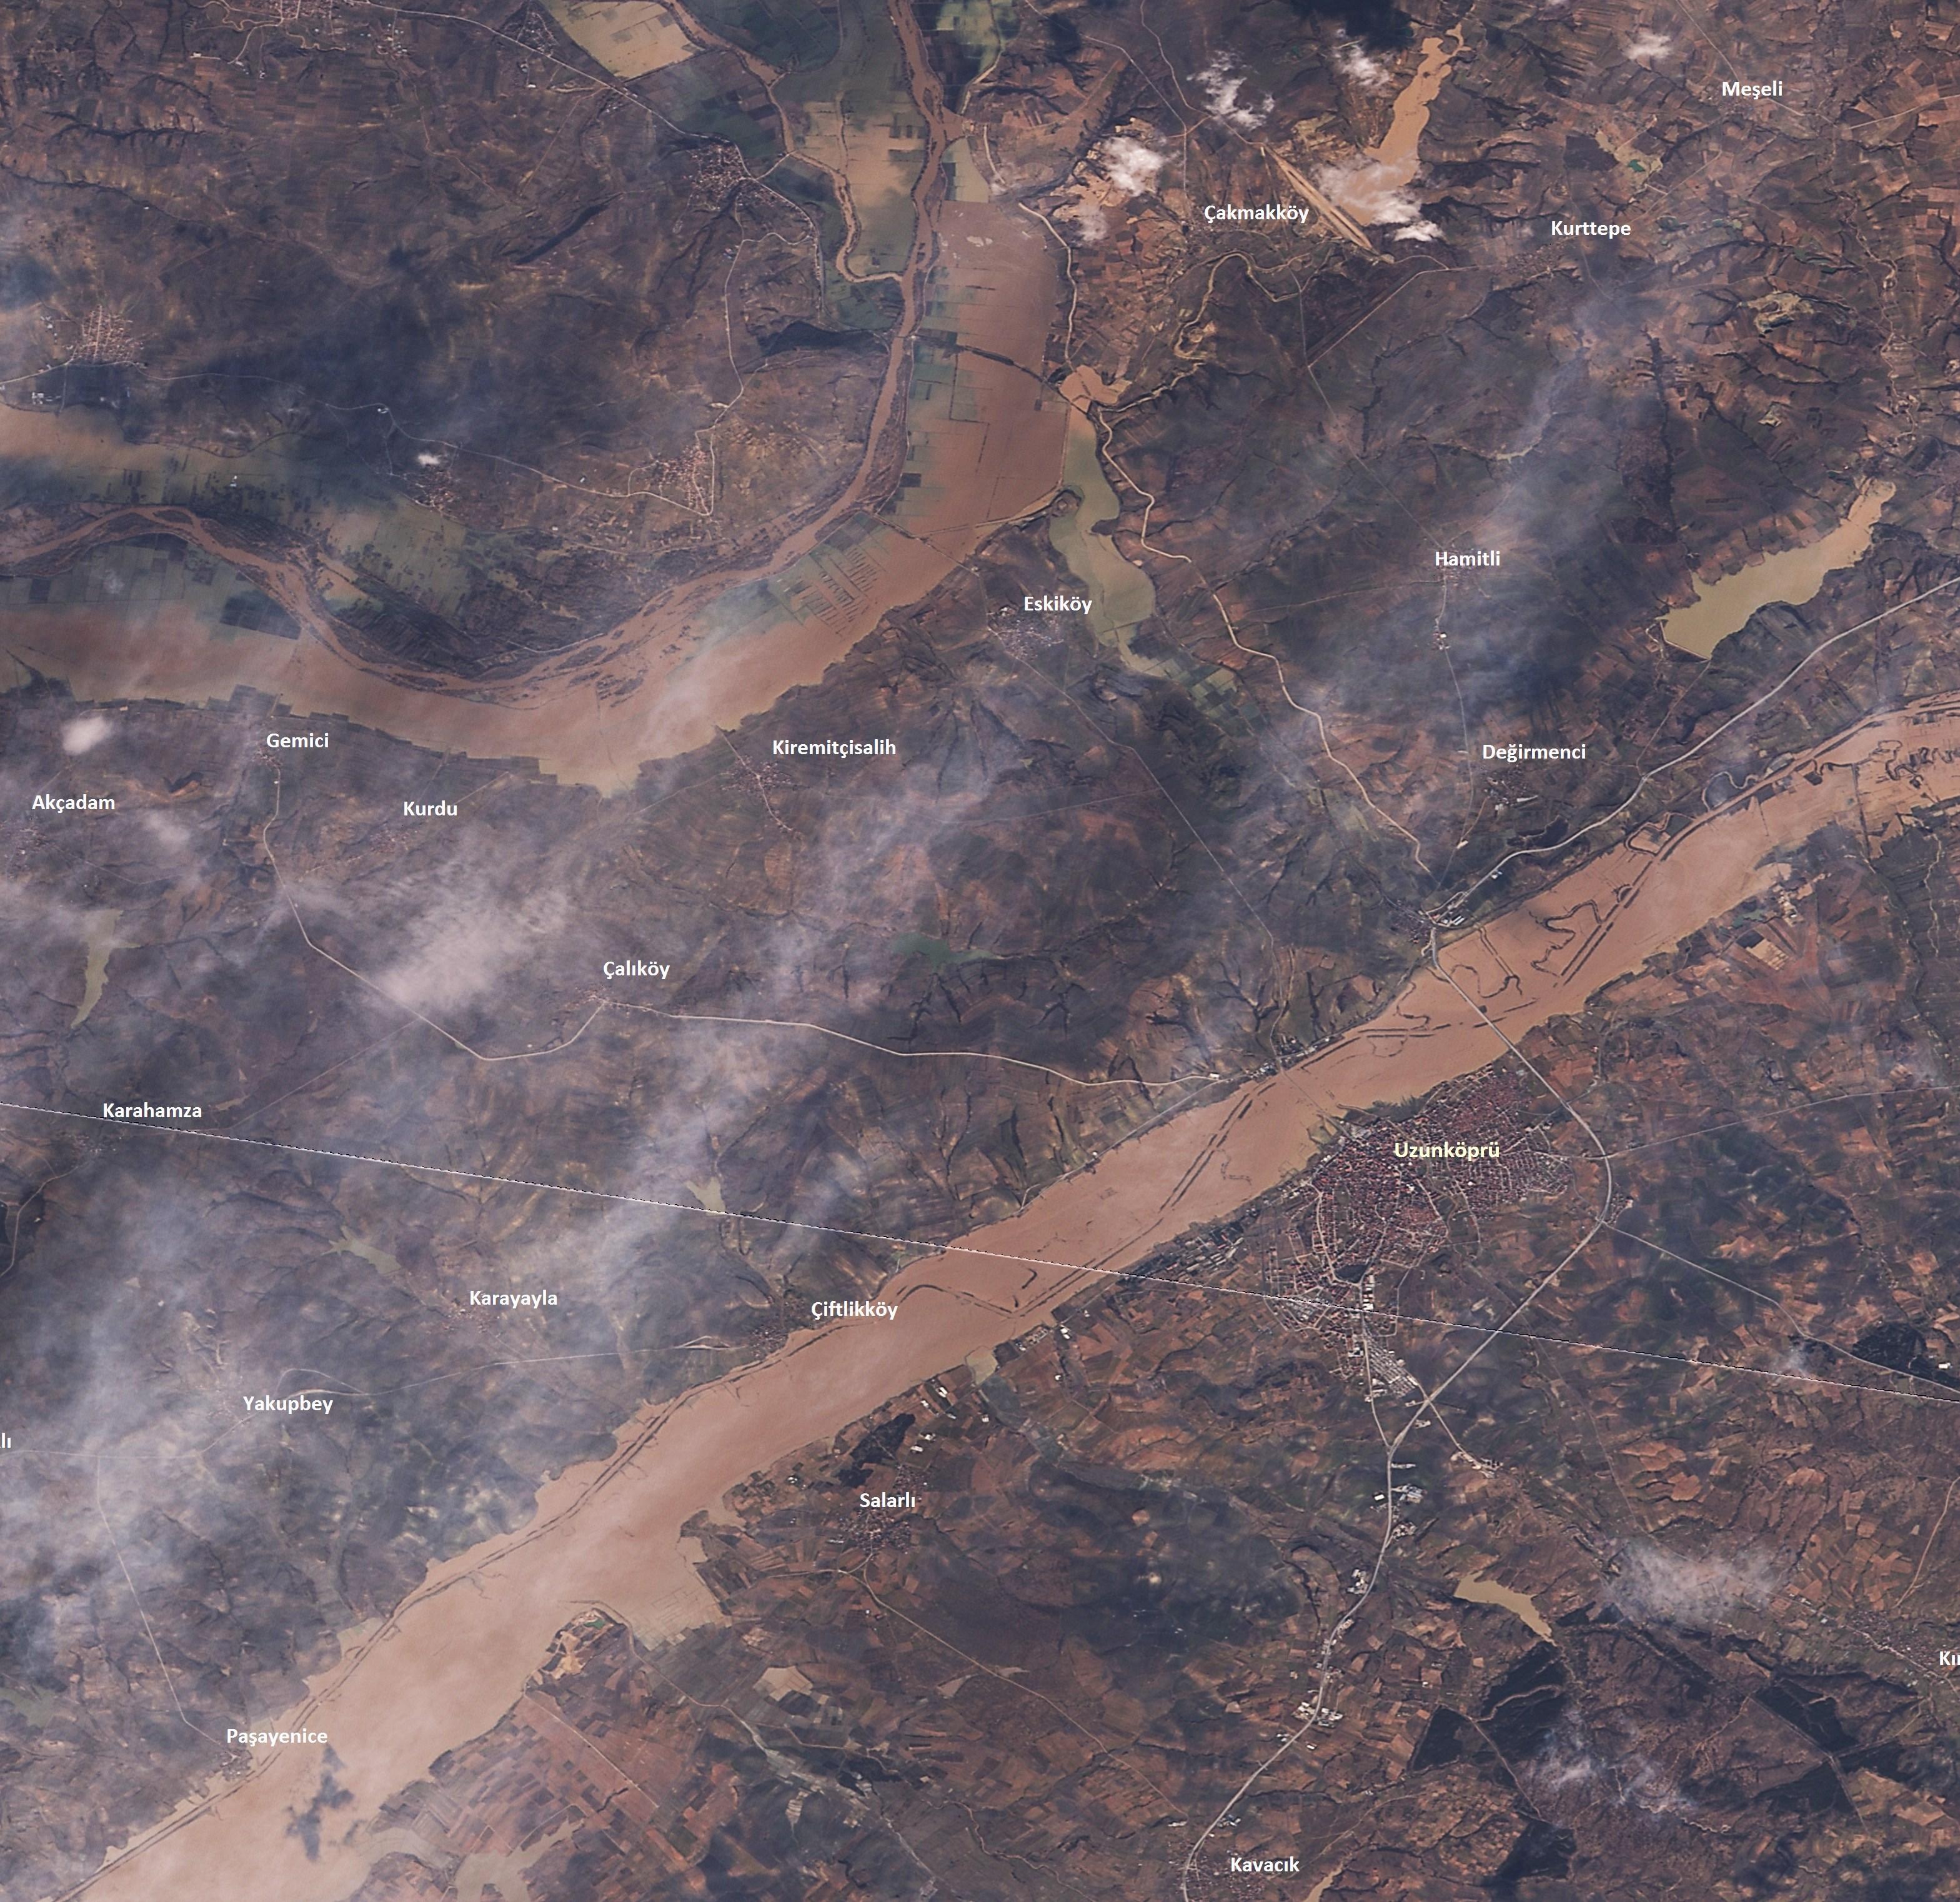 Trakya'da yaşanan selin etkileri RASAT Uydusu ile  görüntülendi 2 Şubat 2015